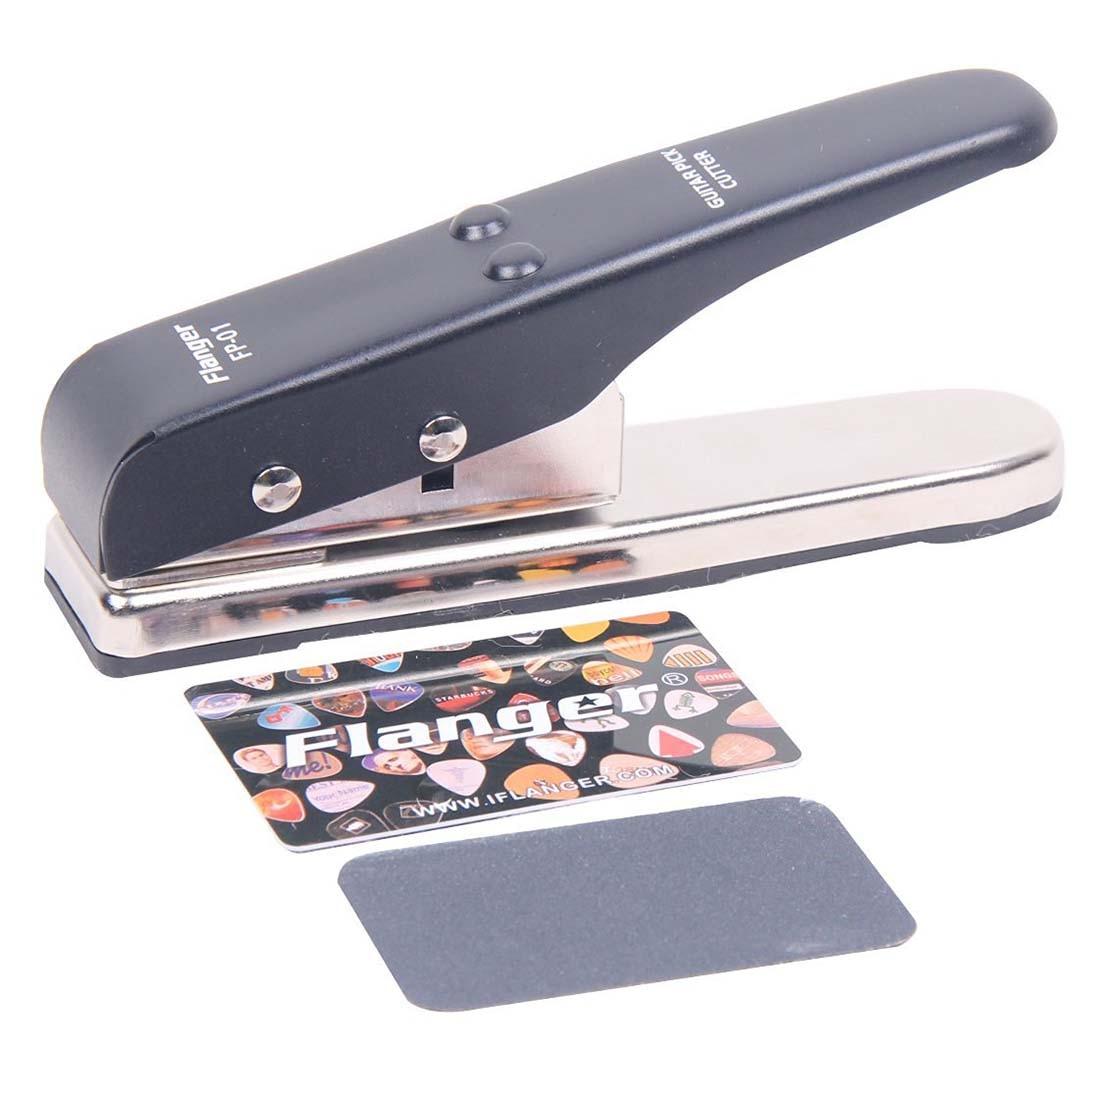 Signstek Professional Portable Flanger Pick Punch Guitar Pick Plectrum Maker Pick Cutter *Black*